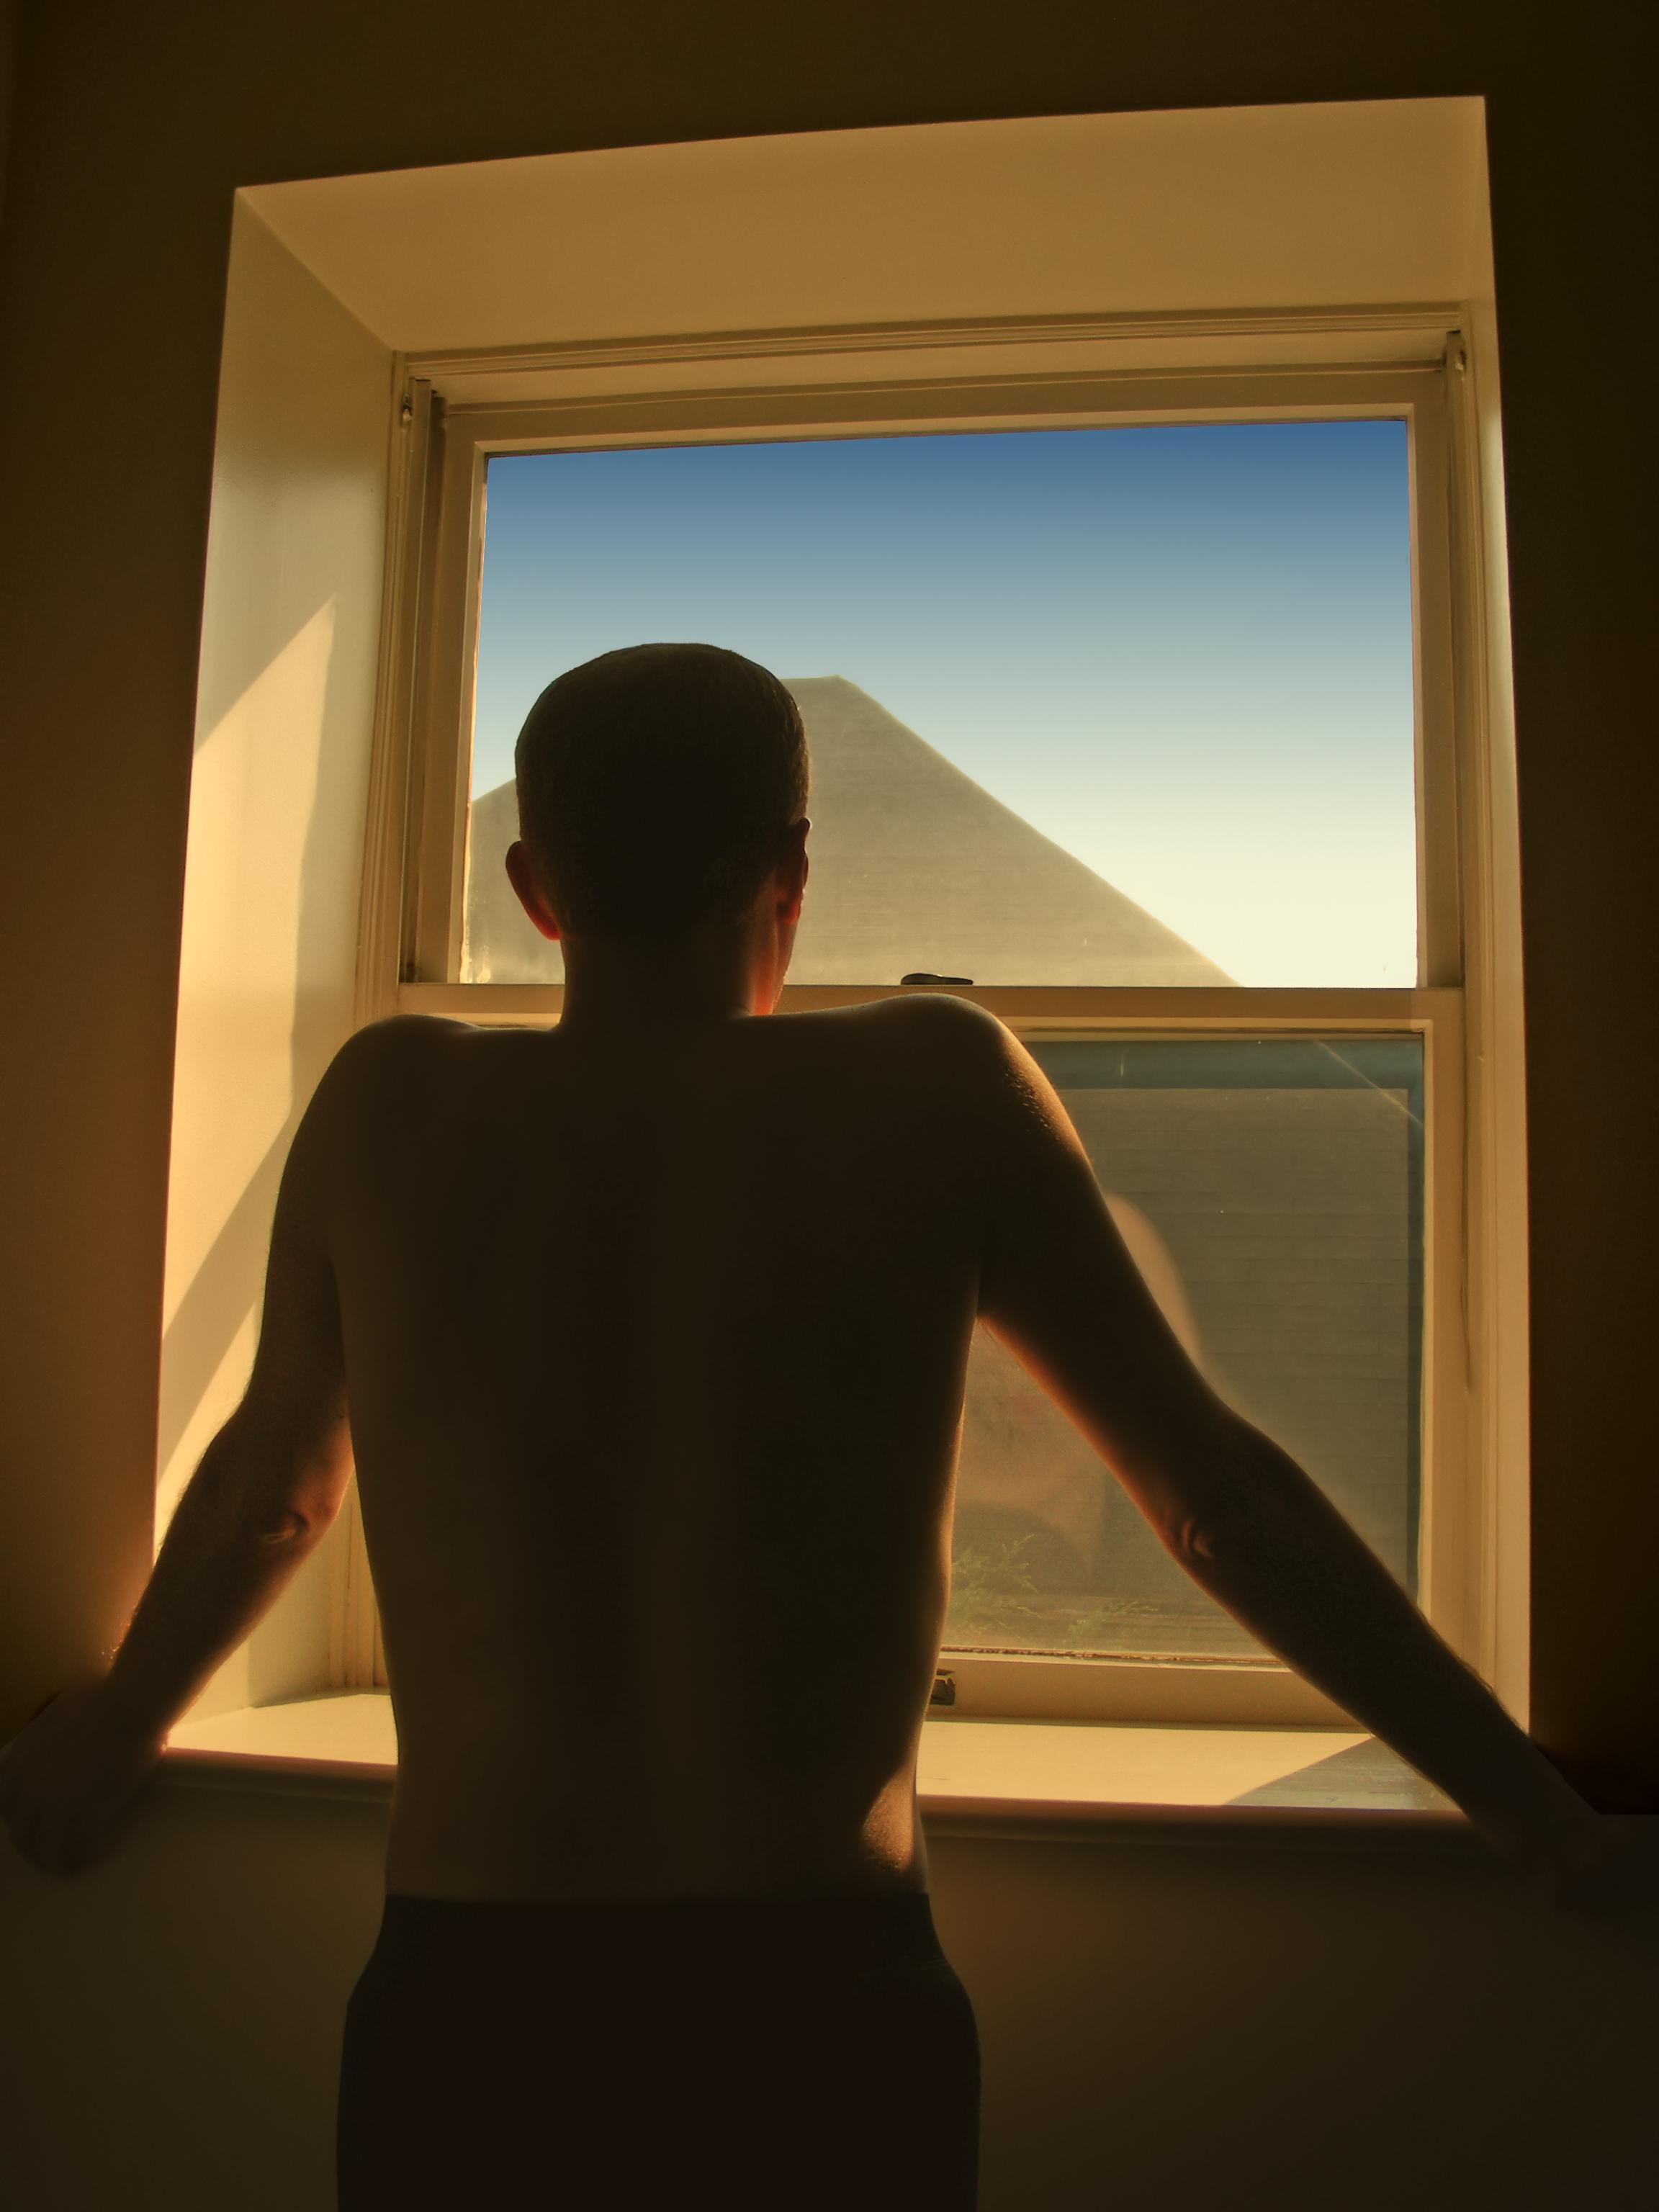 то, что как сфотографировать силуэт напротив окна высоко